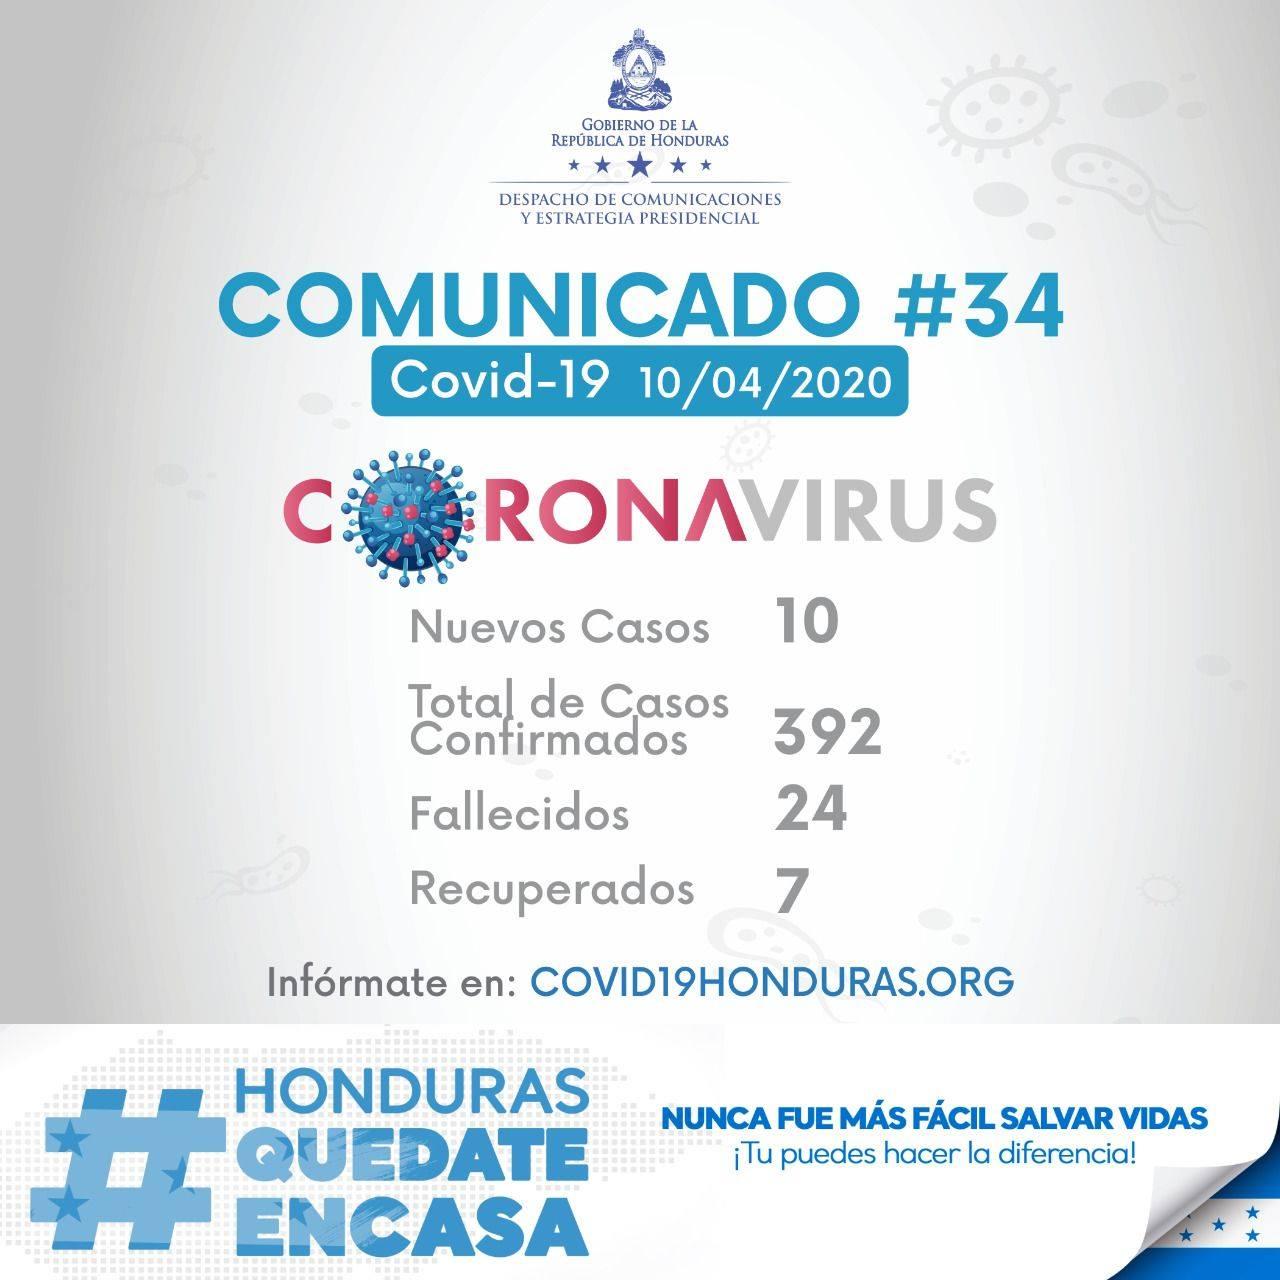 COMUNICADO #34: SINAGER reporta 10 nuevos casos de COVID-19 en Honduras. En total 392